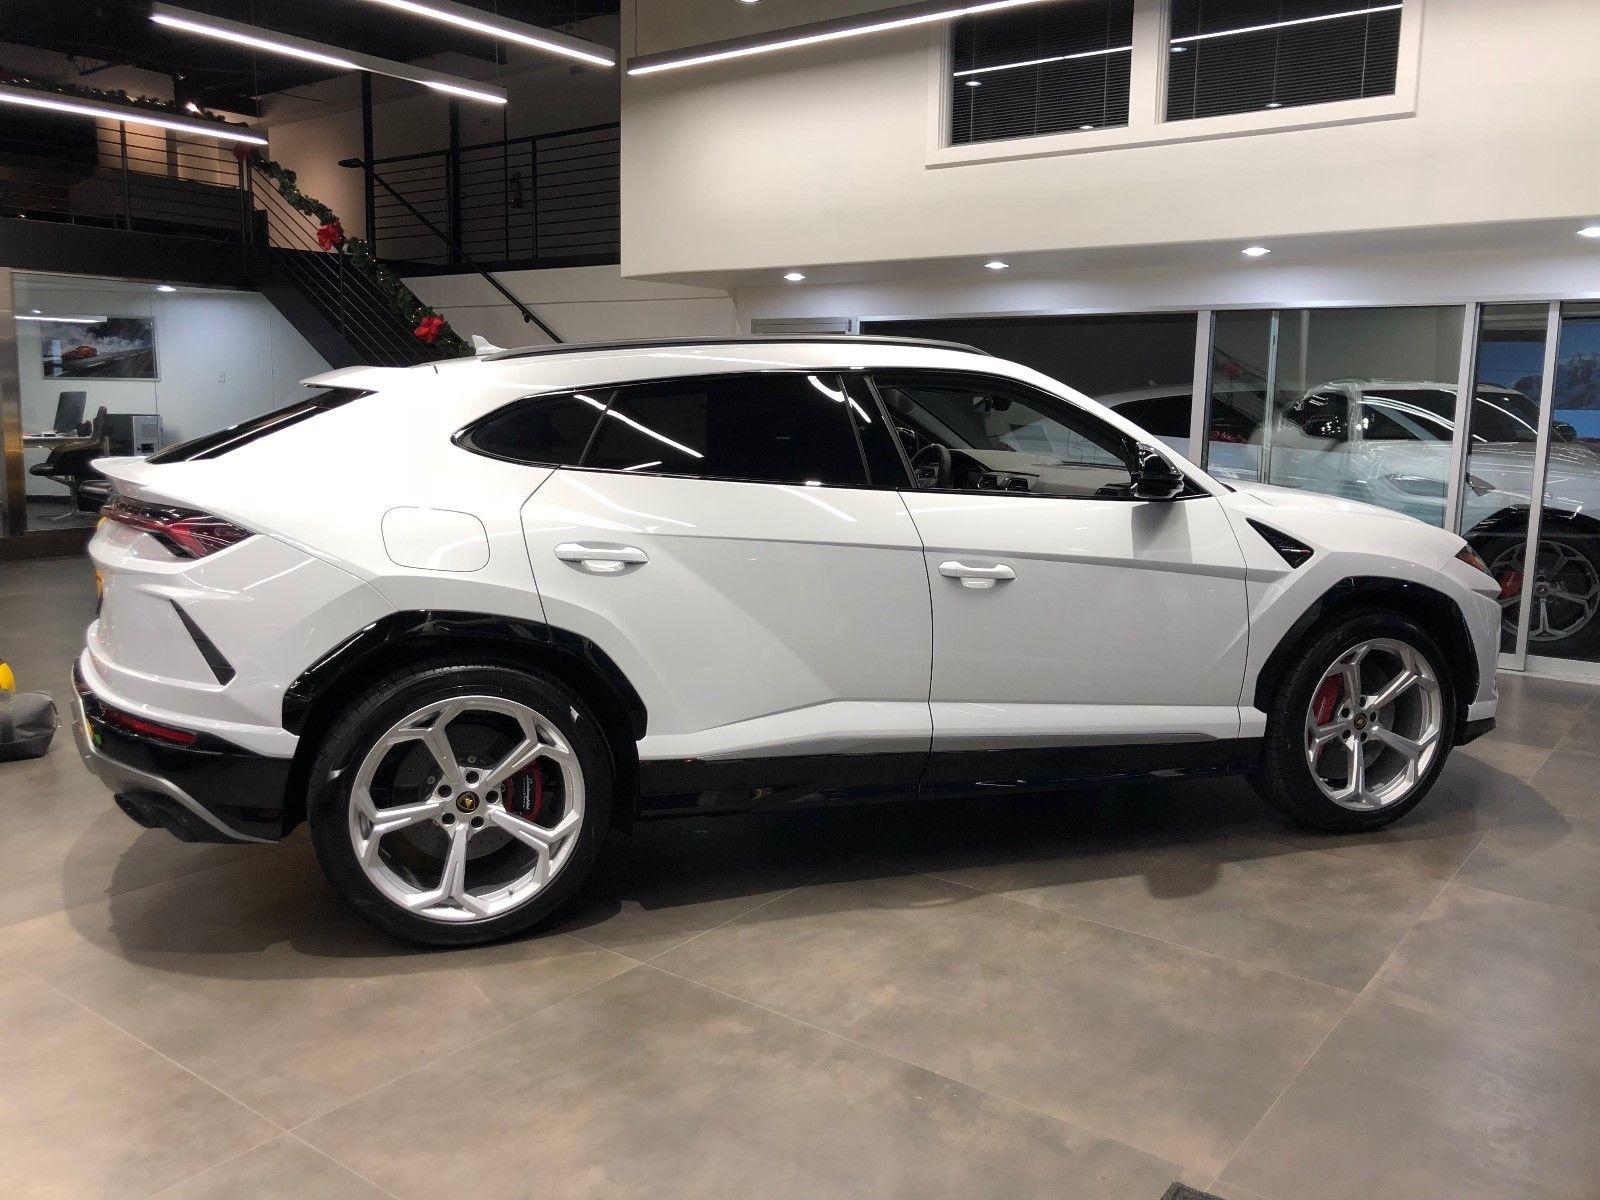 Amazing 2019 Lamborghini Urus Suv 2019 Lamborghini Urus 56 Mi Pano